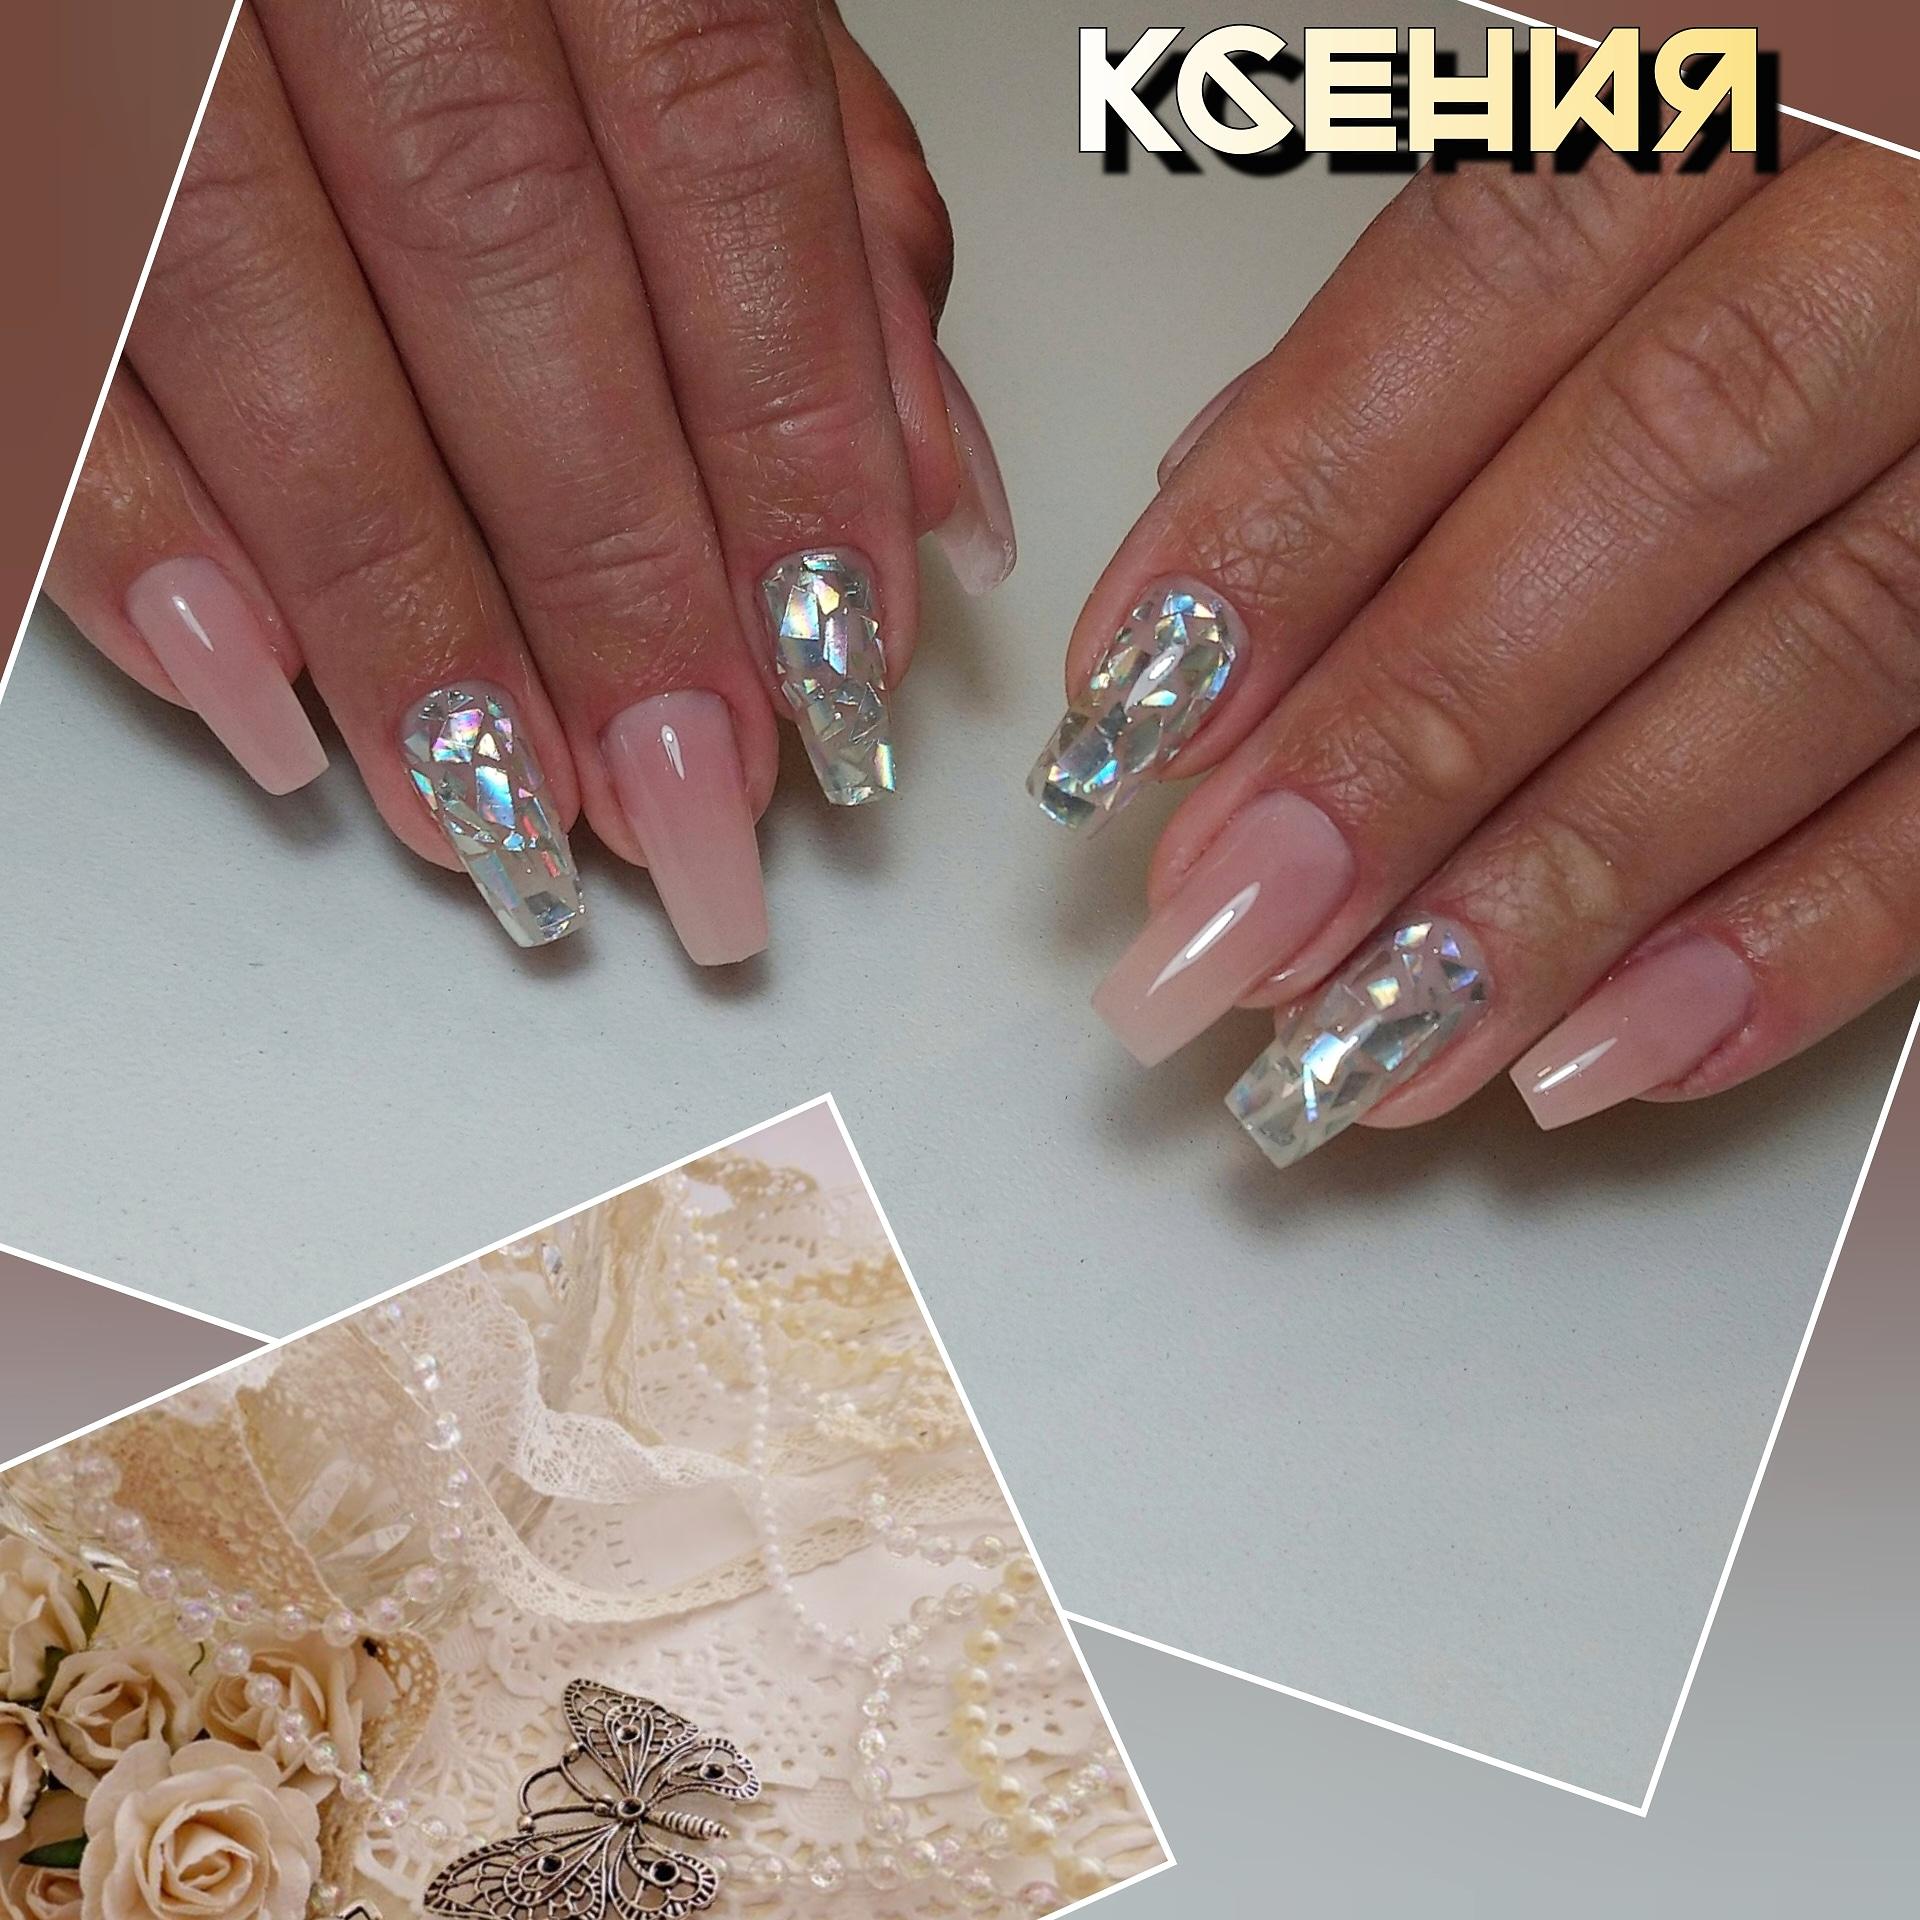 Нюдовый маникюр с дизайном битое стекло на длинные ногти.